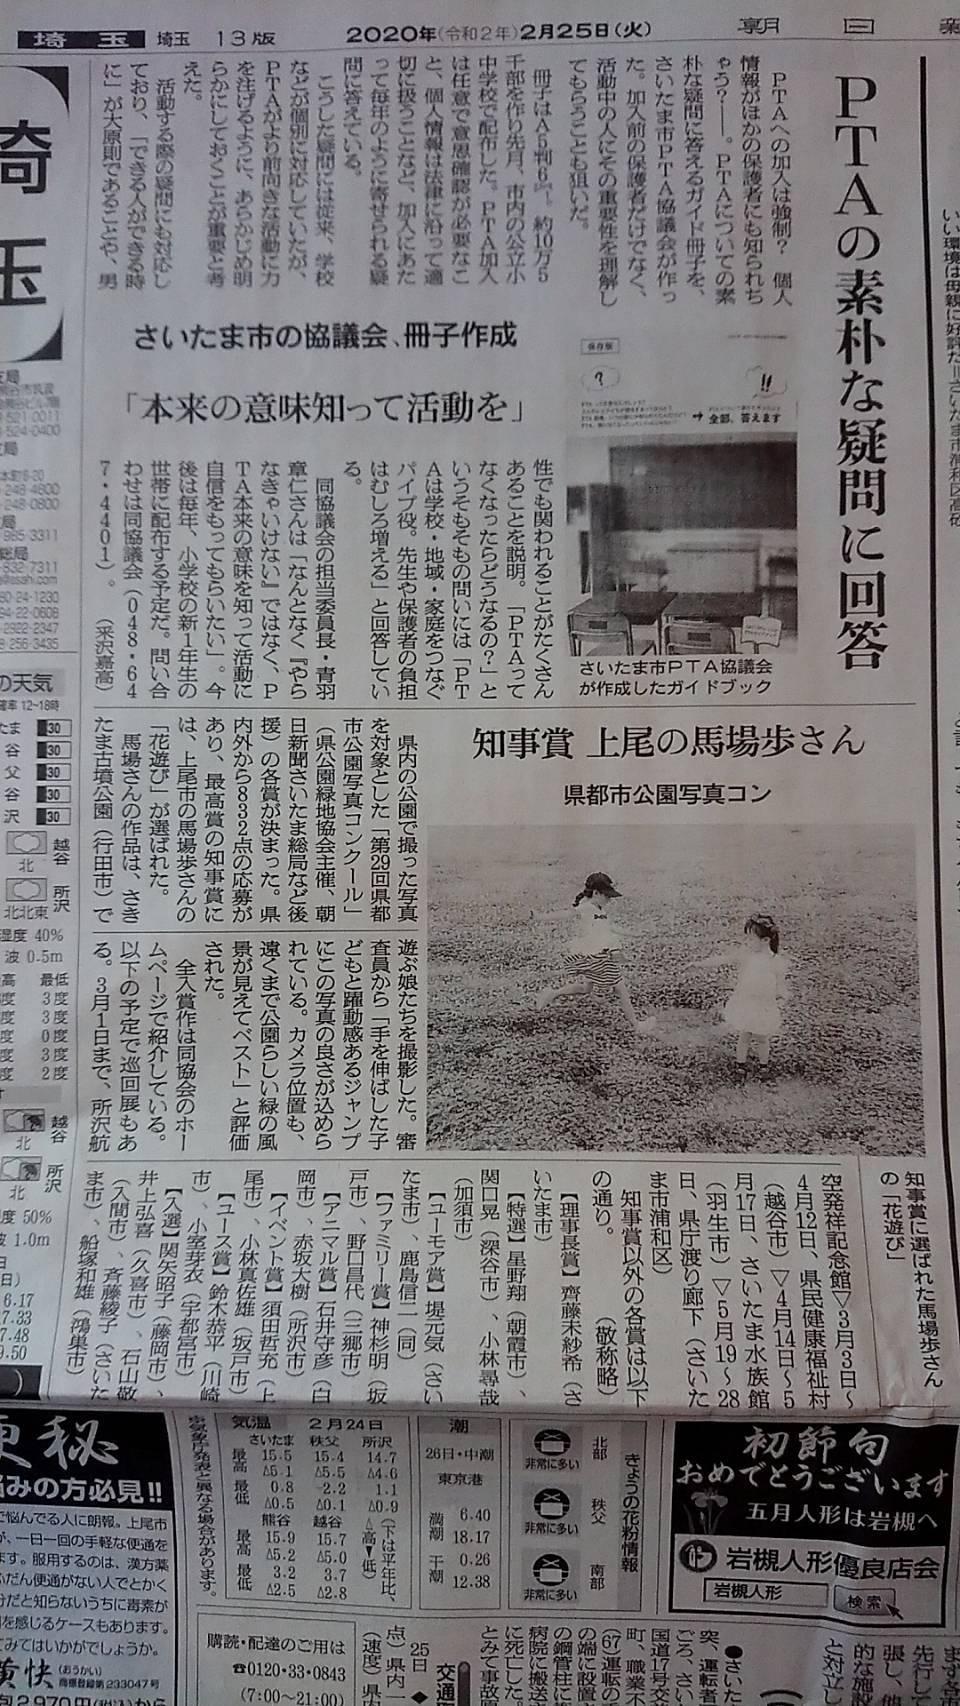 第29回埼玉県都市公園写真コンクール 知事賞_b0251929_17425120.jpg